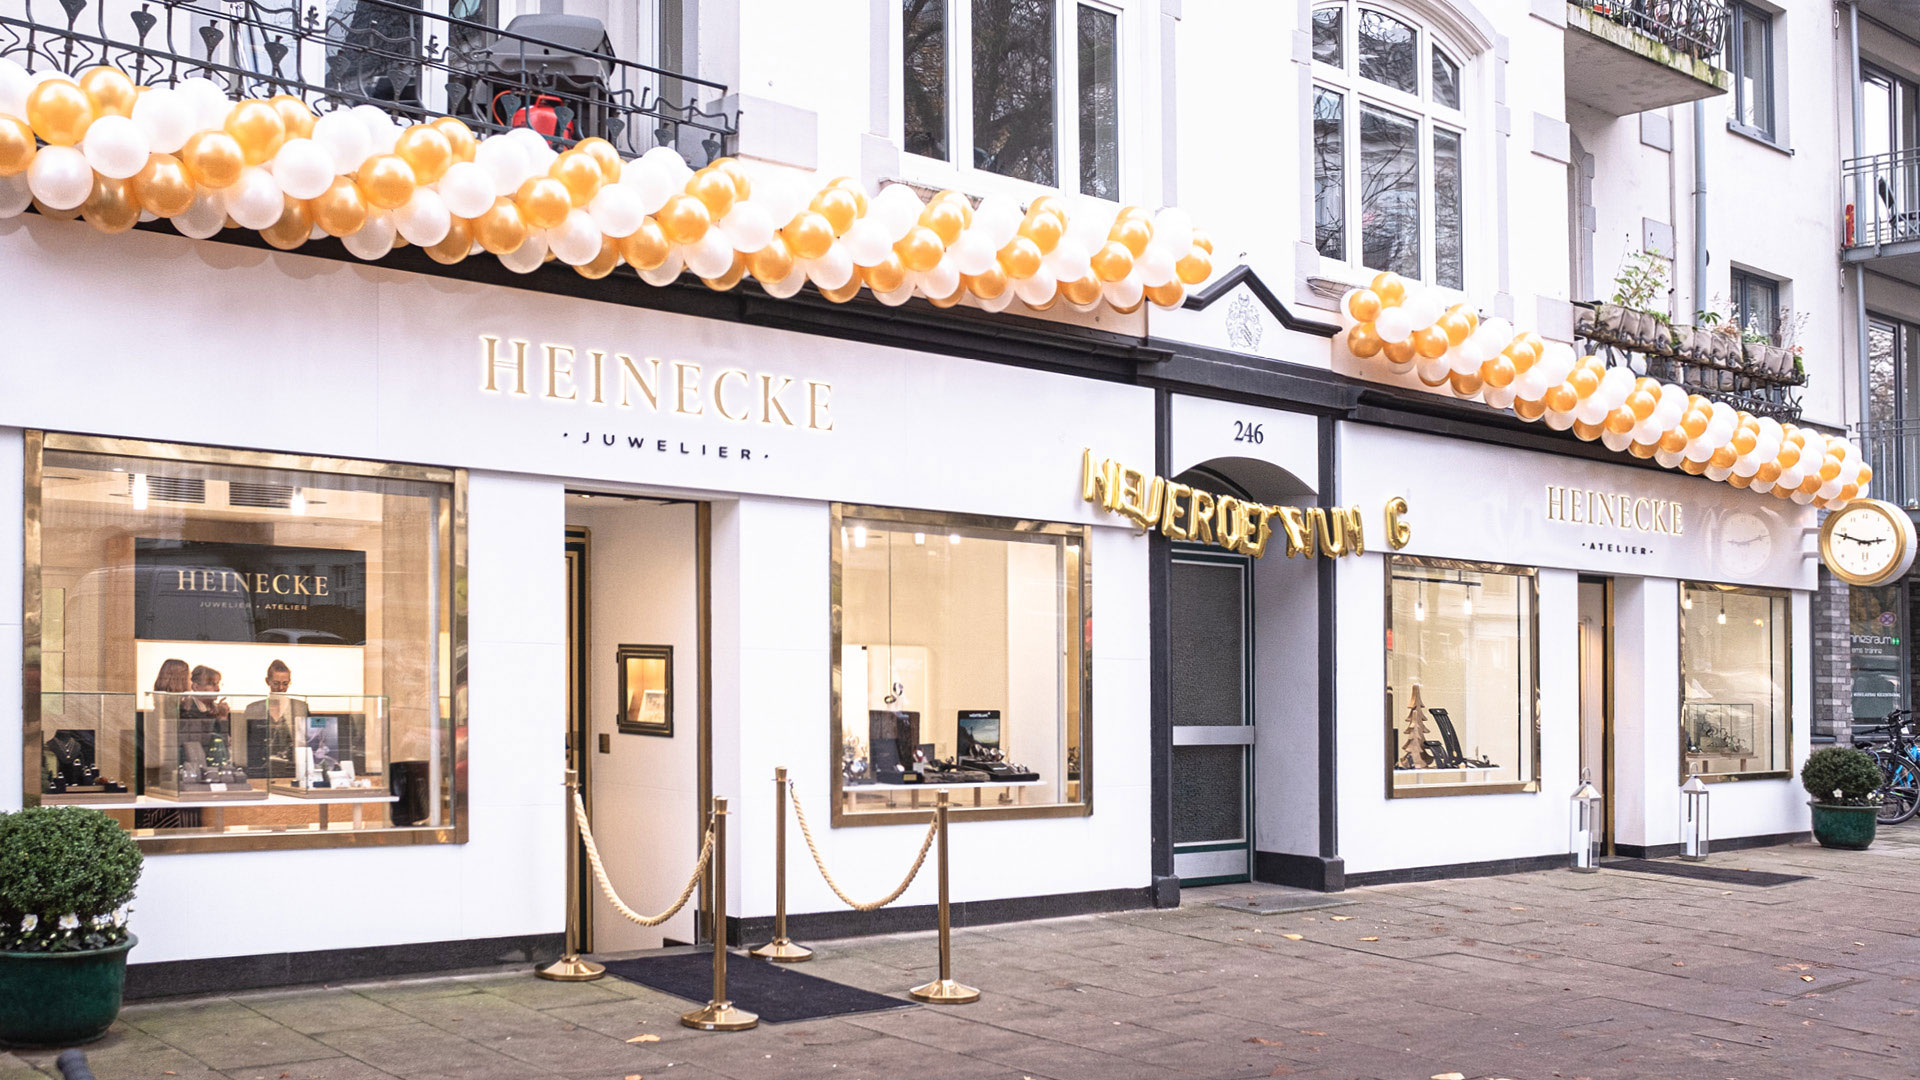 Heinecke Interior Design Storefront Eröffnung